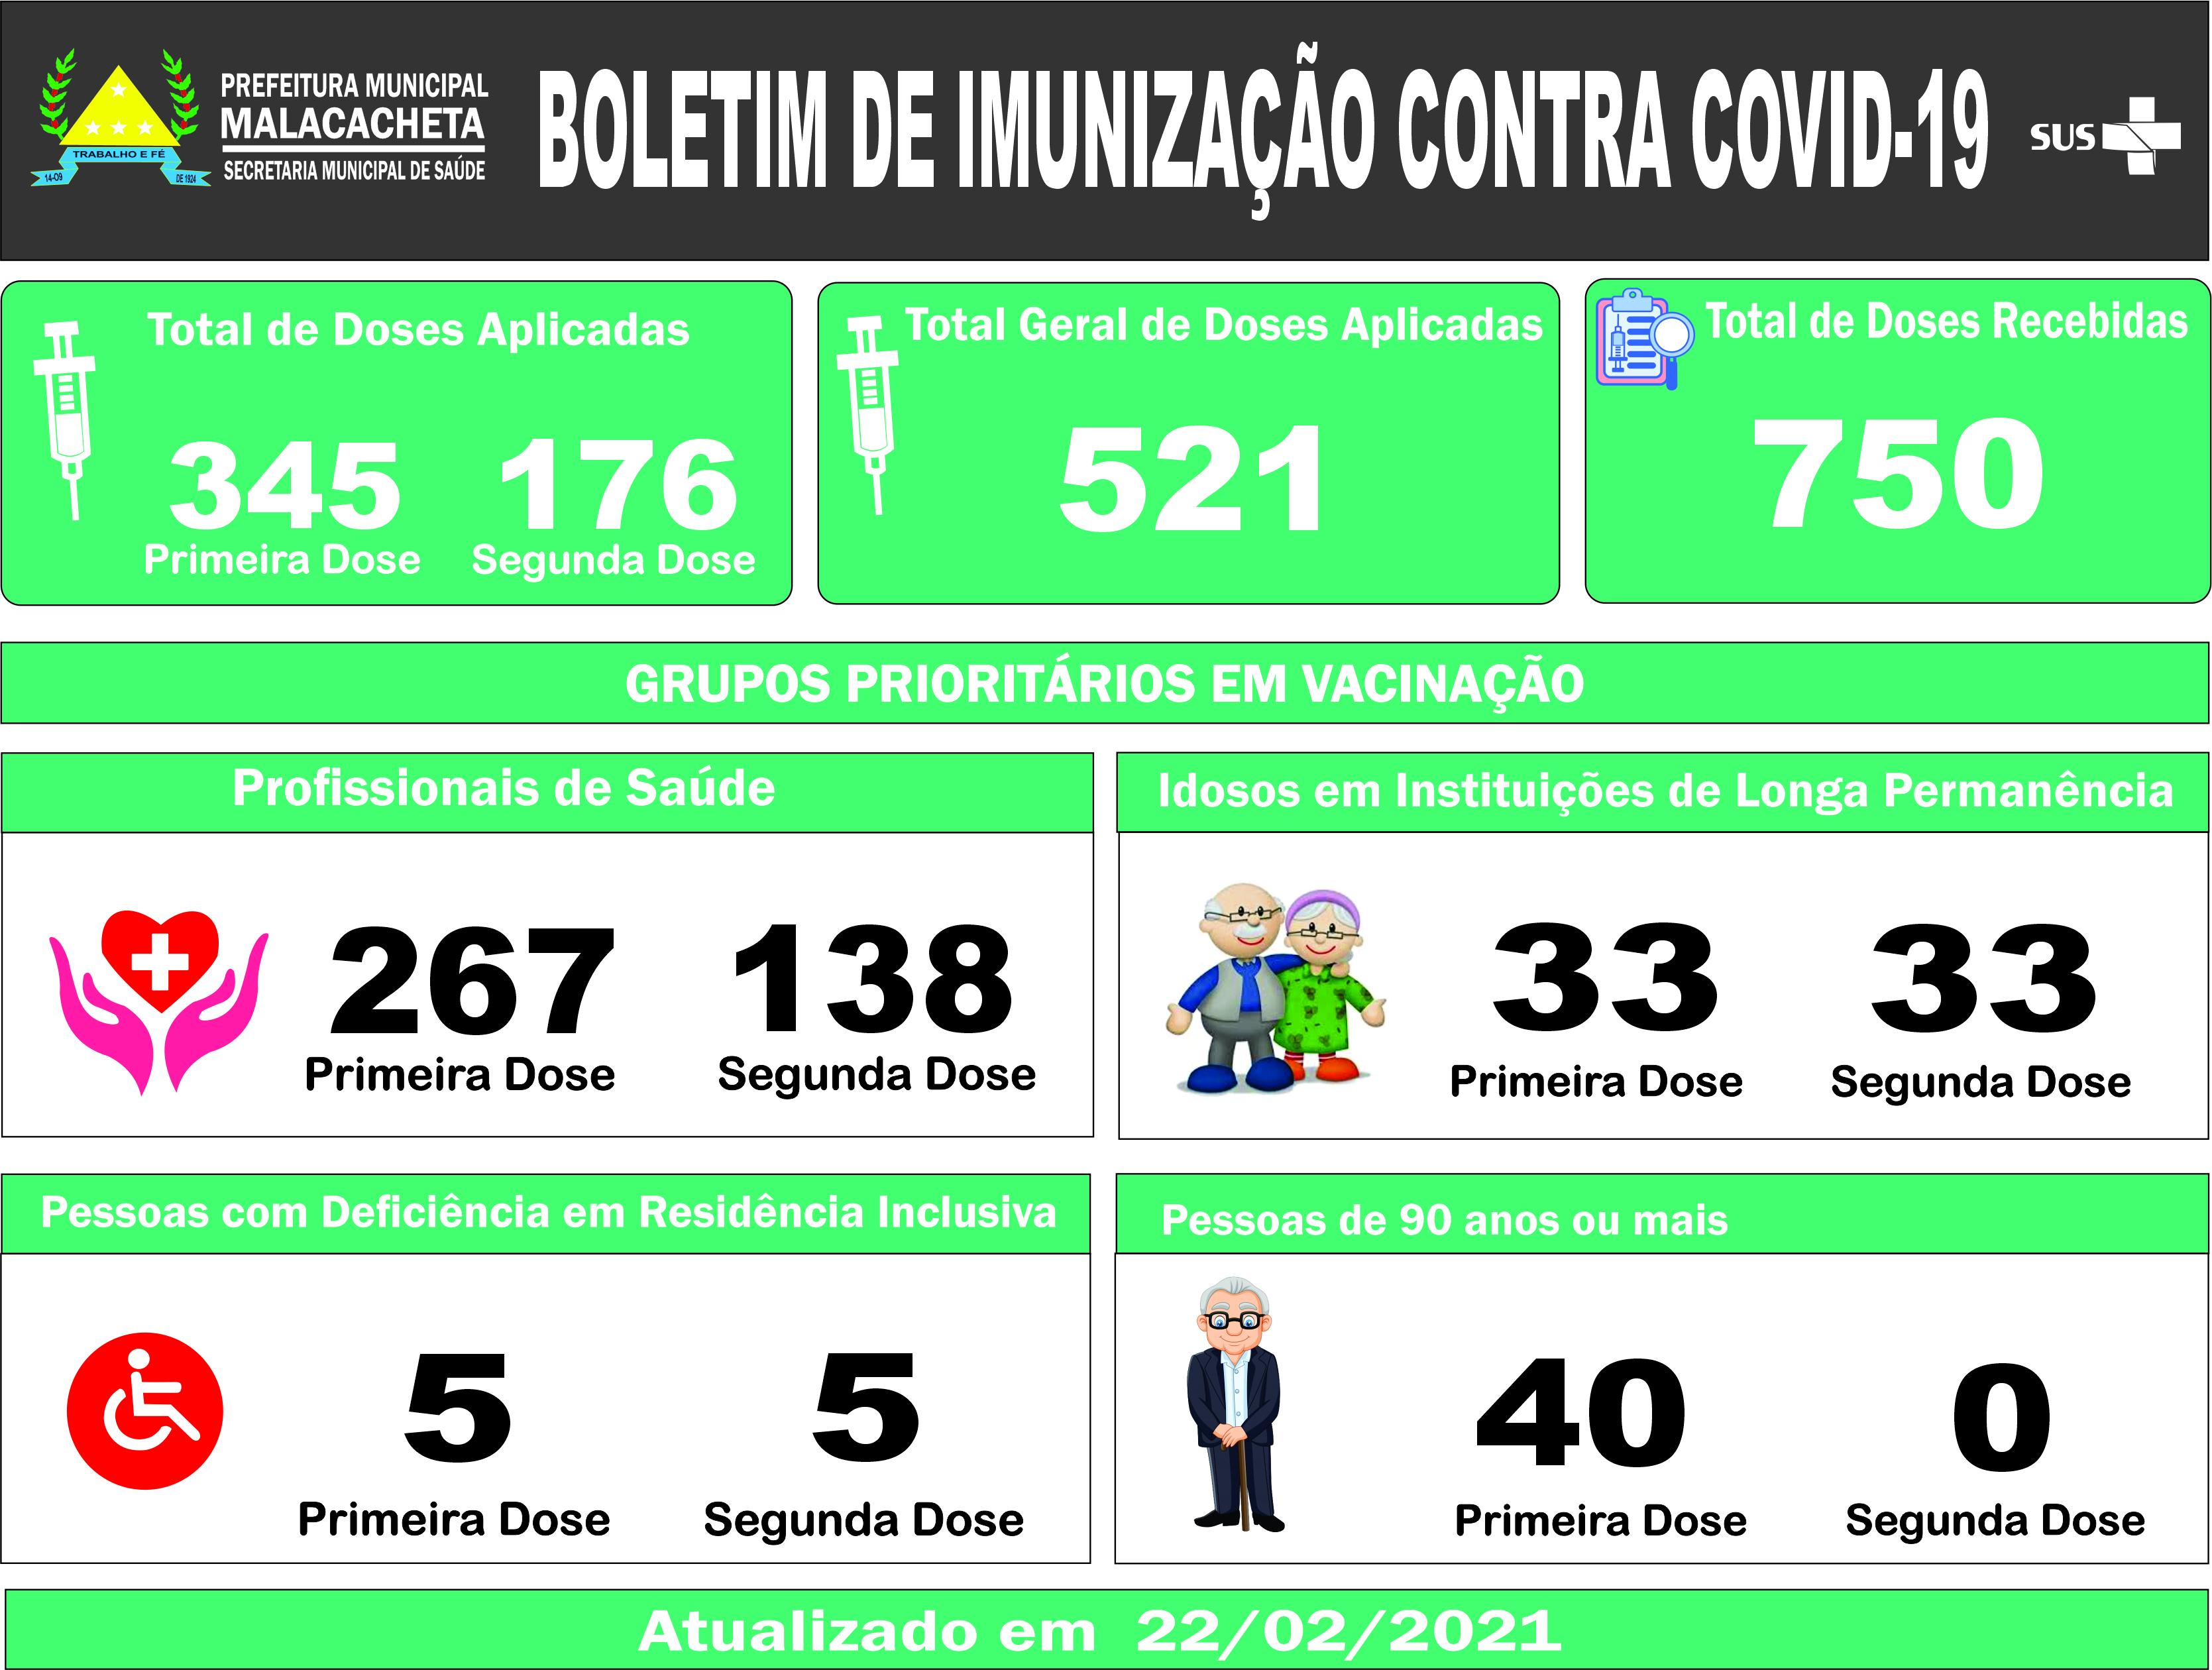 BOLETIM DE IMUNIZAÇÃO - 22/02/2021